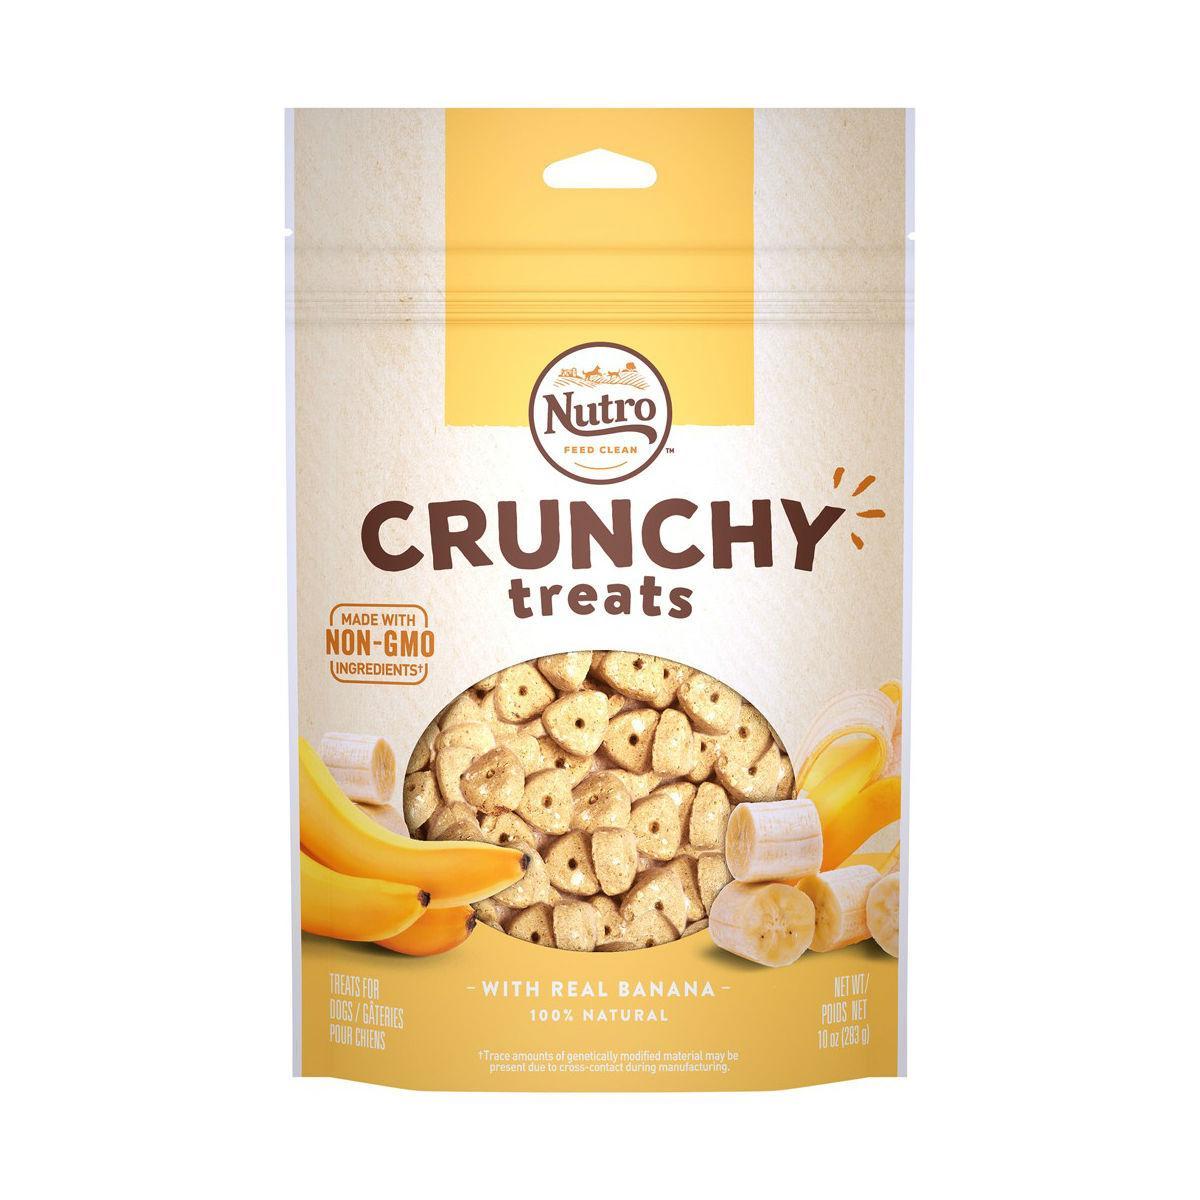 Nutro Crunchy Dog Treat - Real Banana